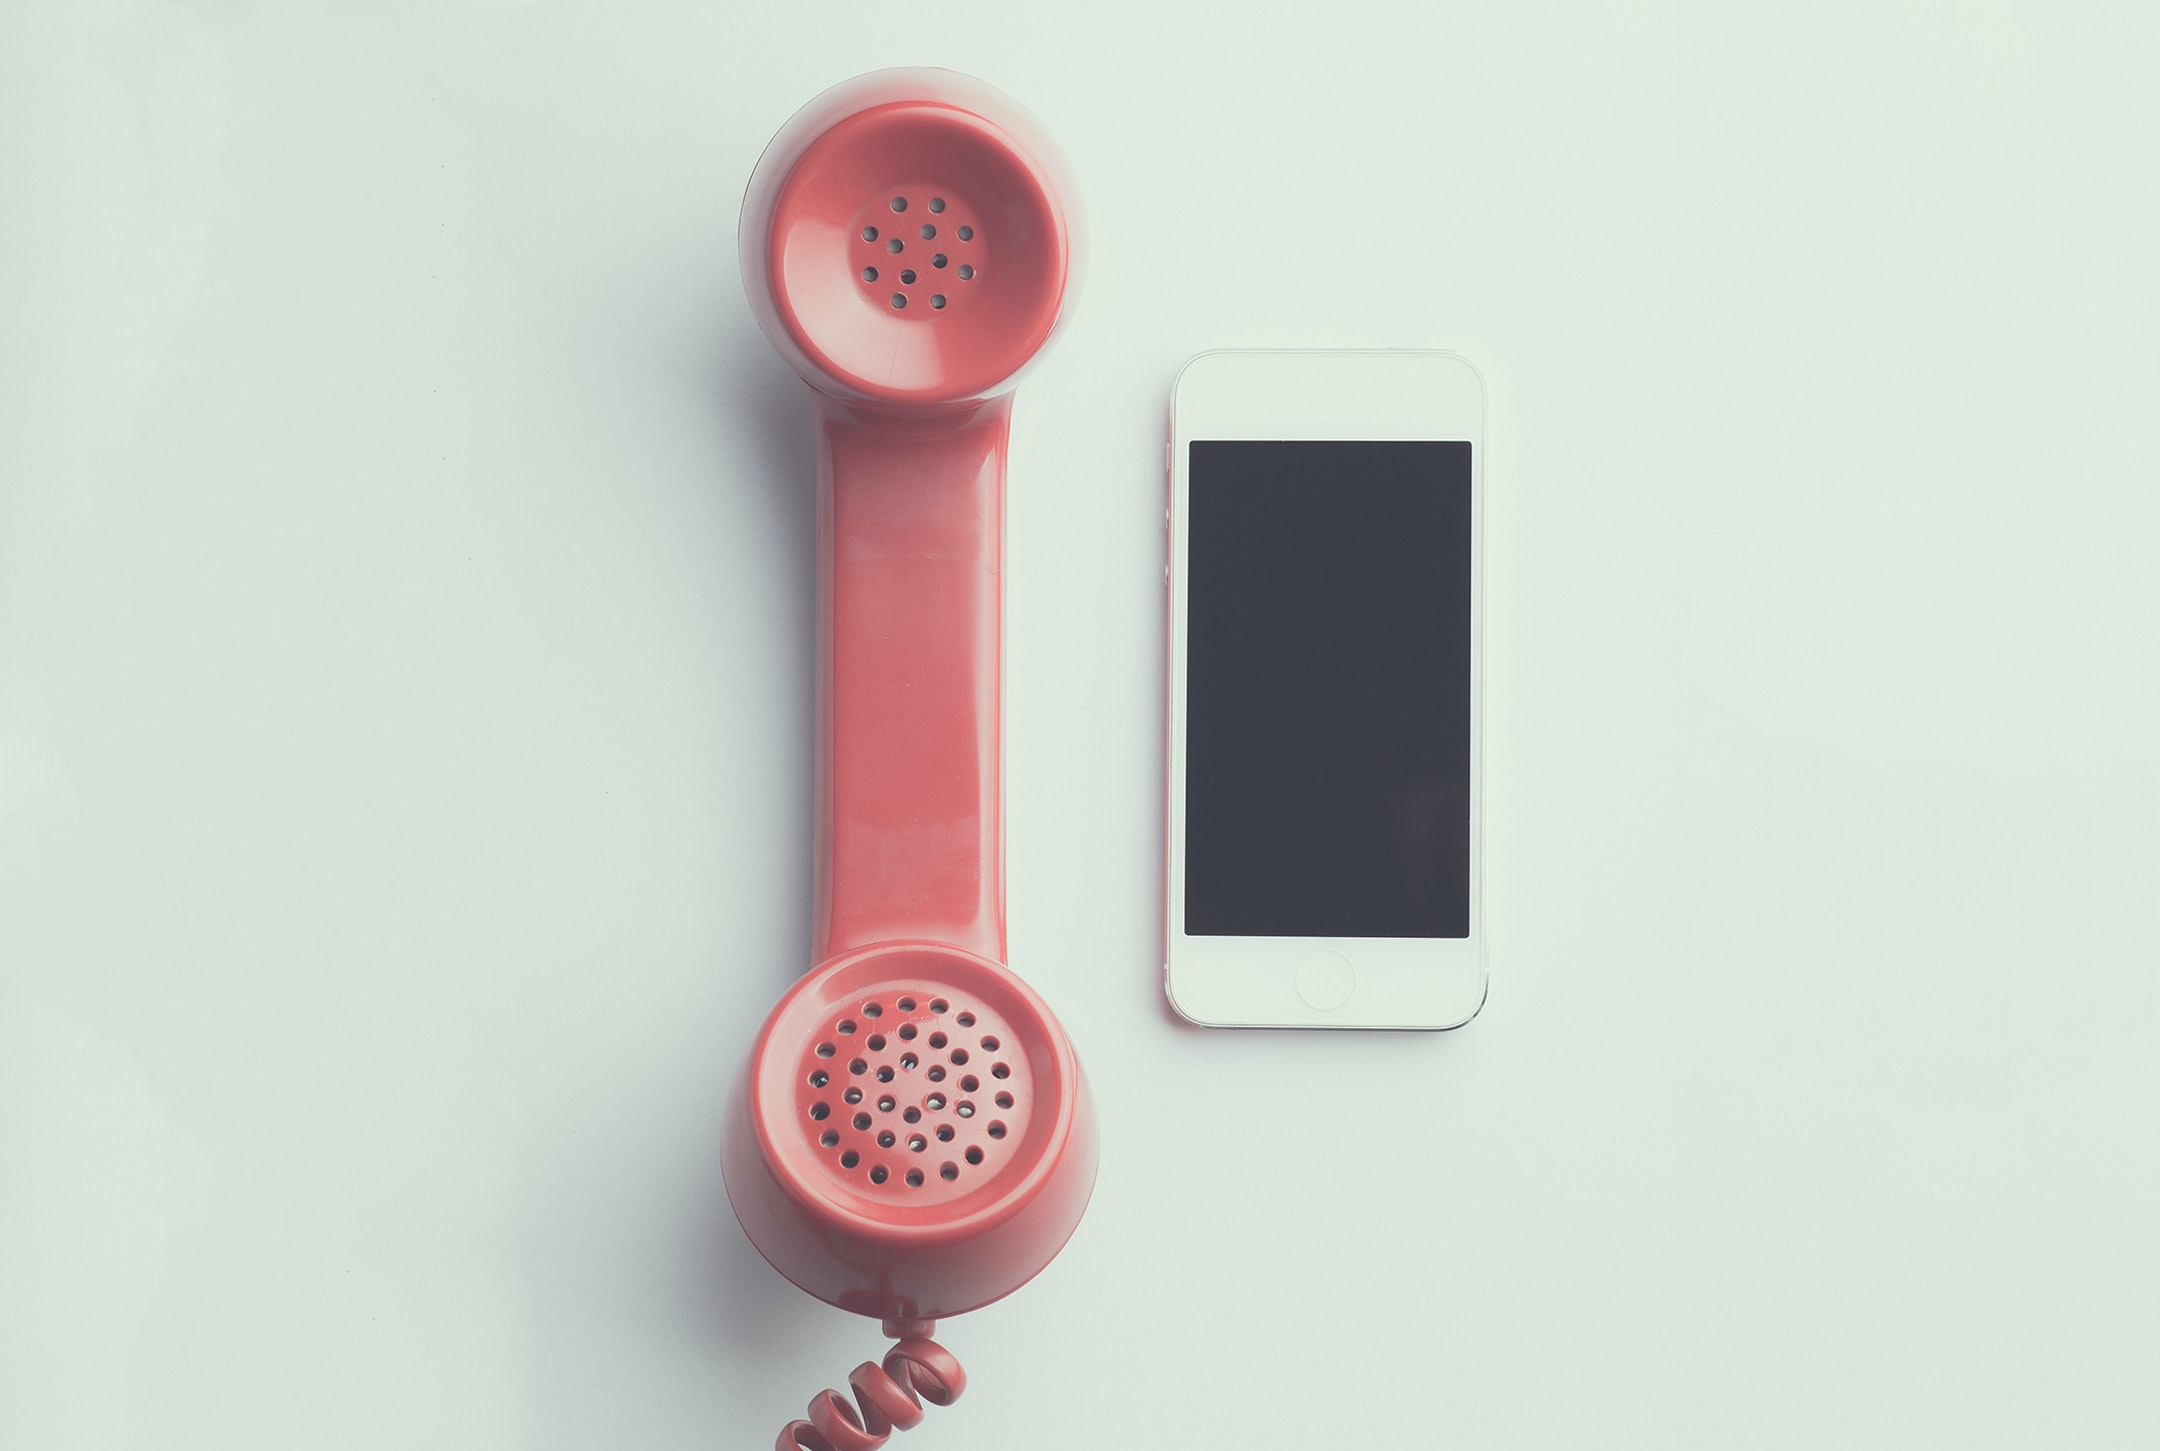 電話 なぜ 通知 非